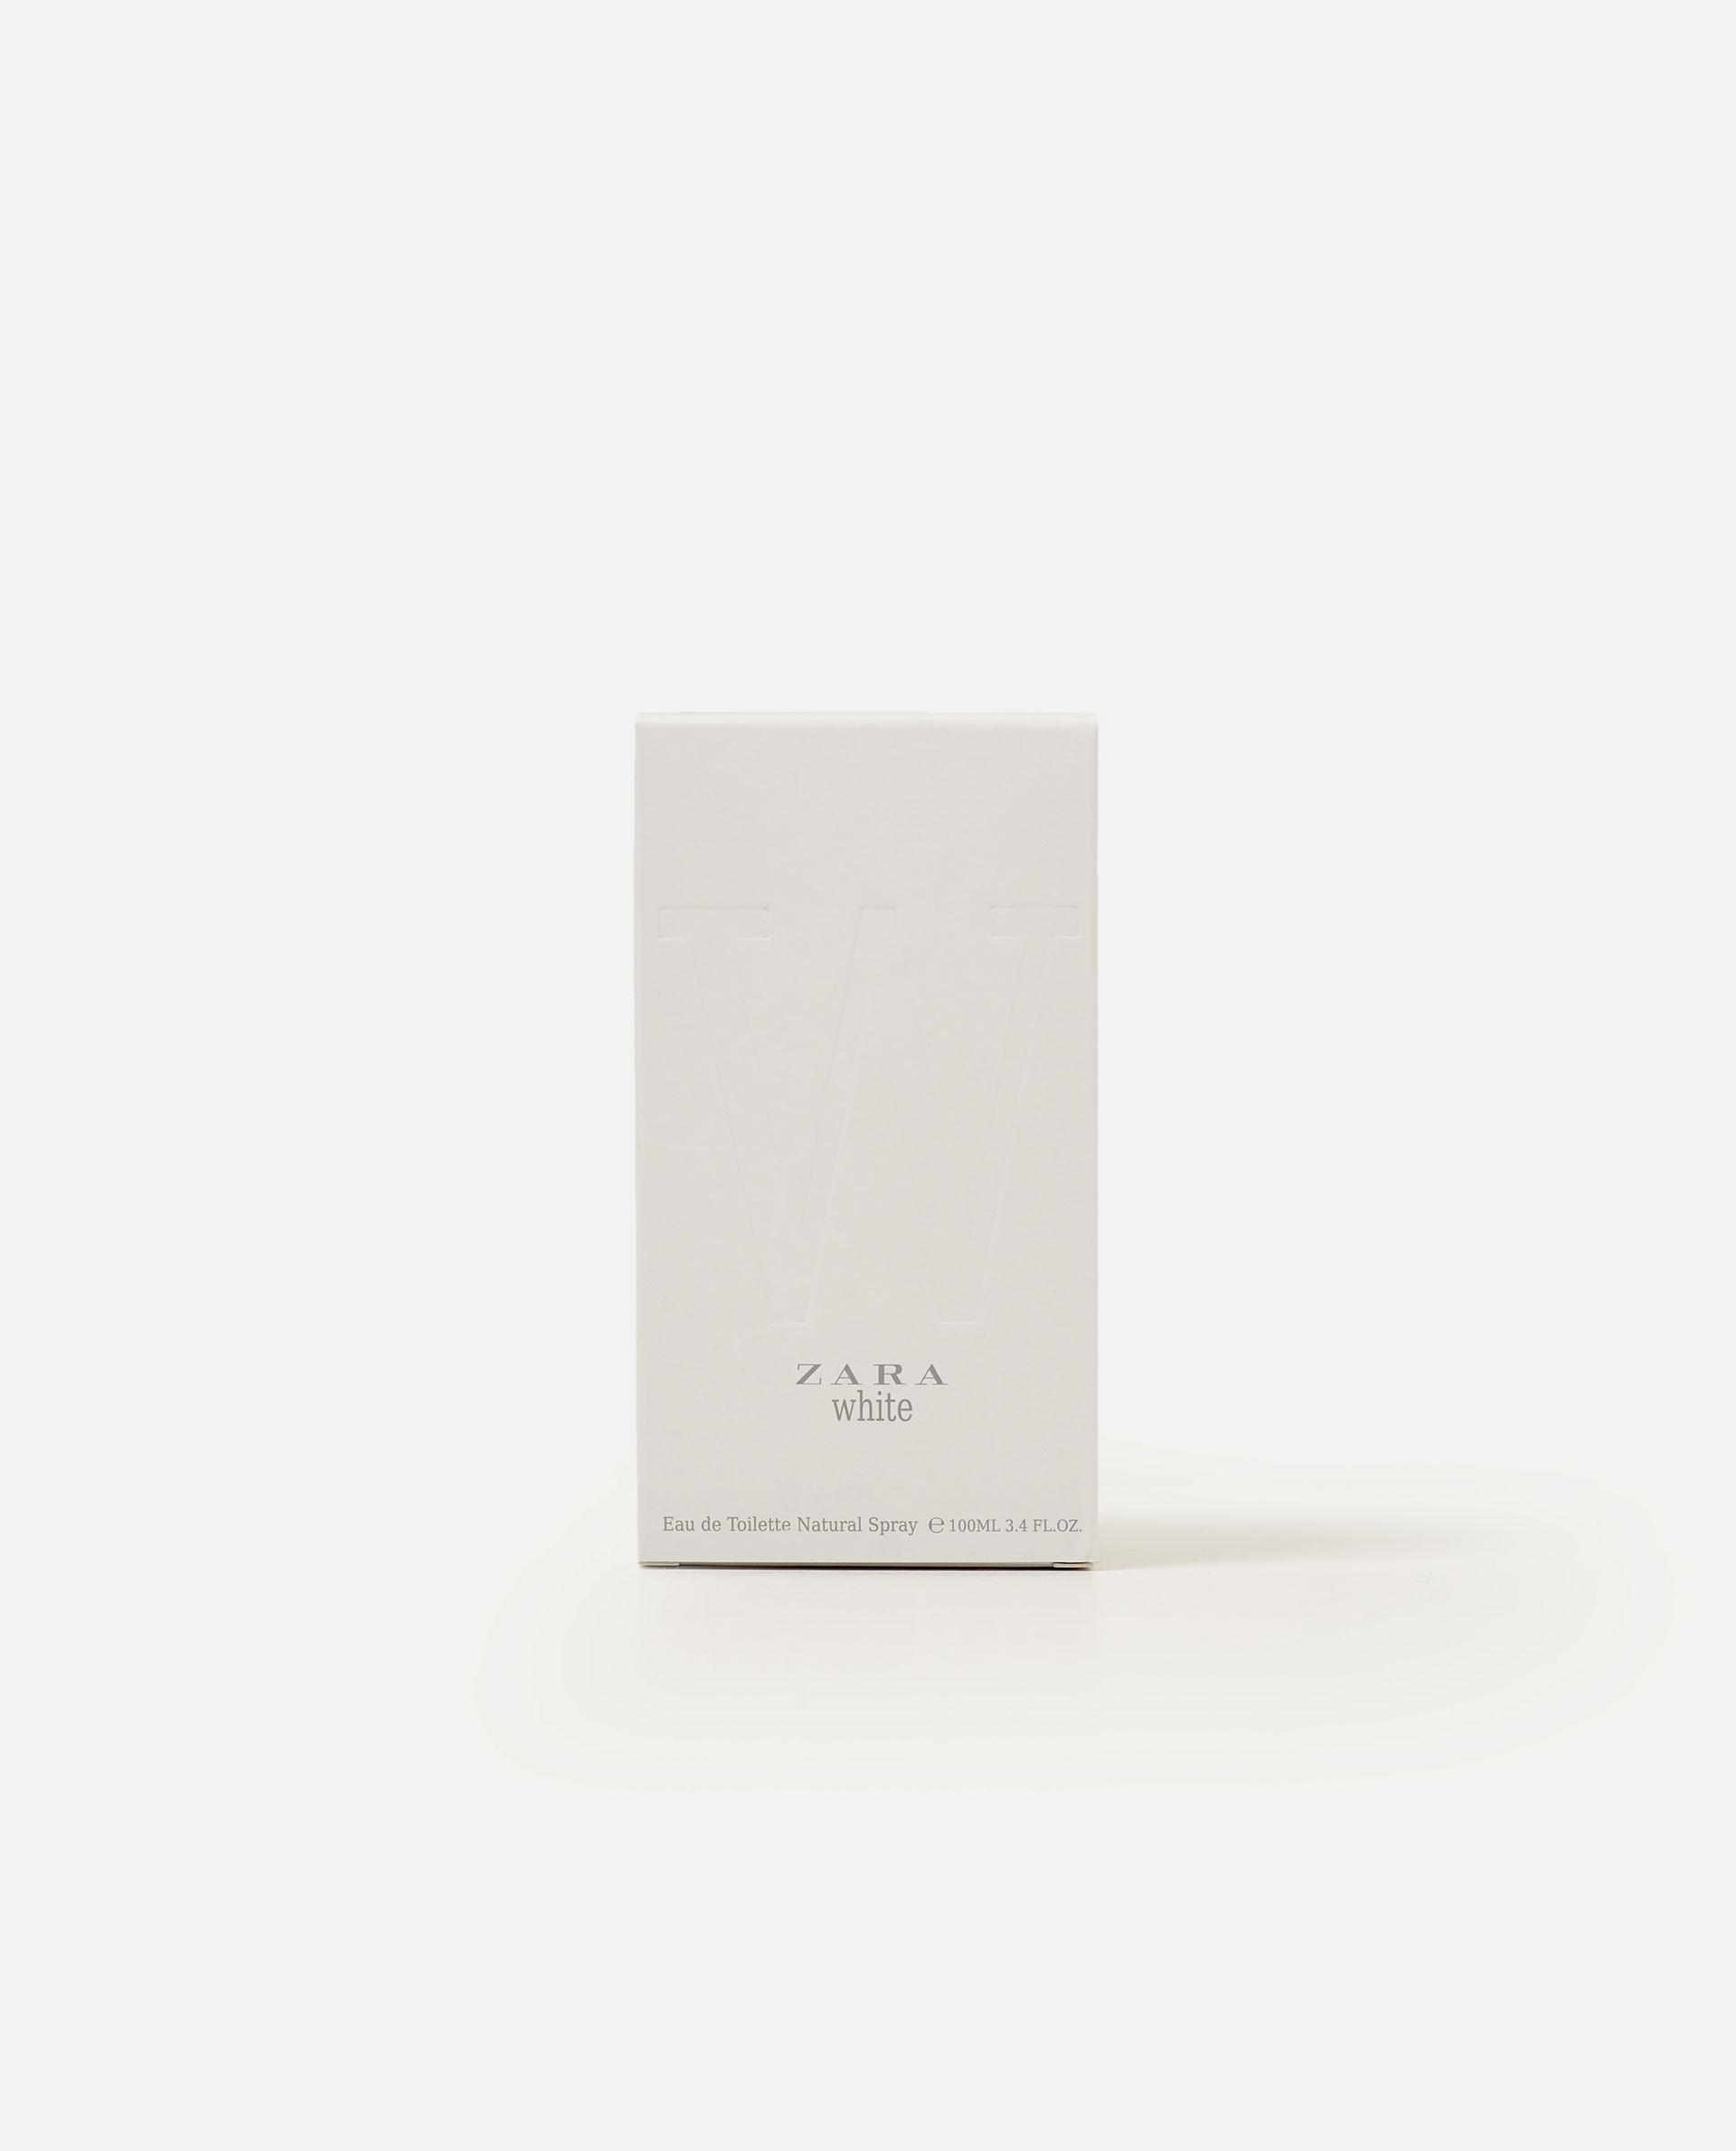 Zara White Zara аромат — новый аромат для женщин 2017 3f3cd132b77